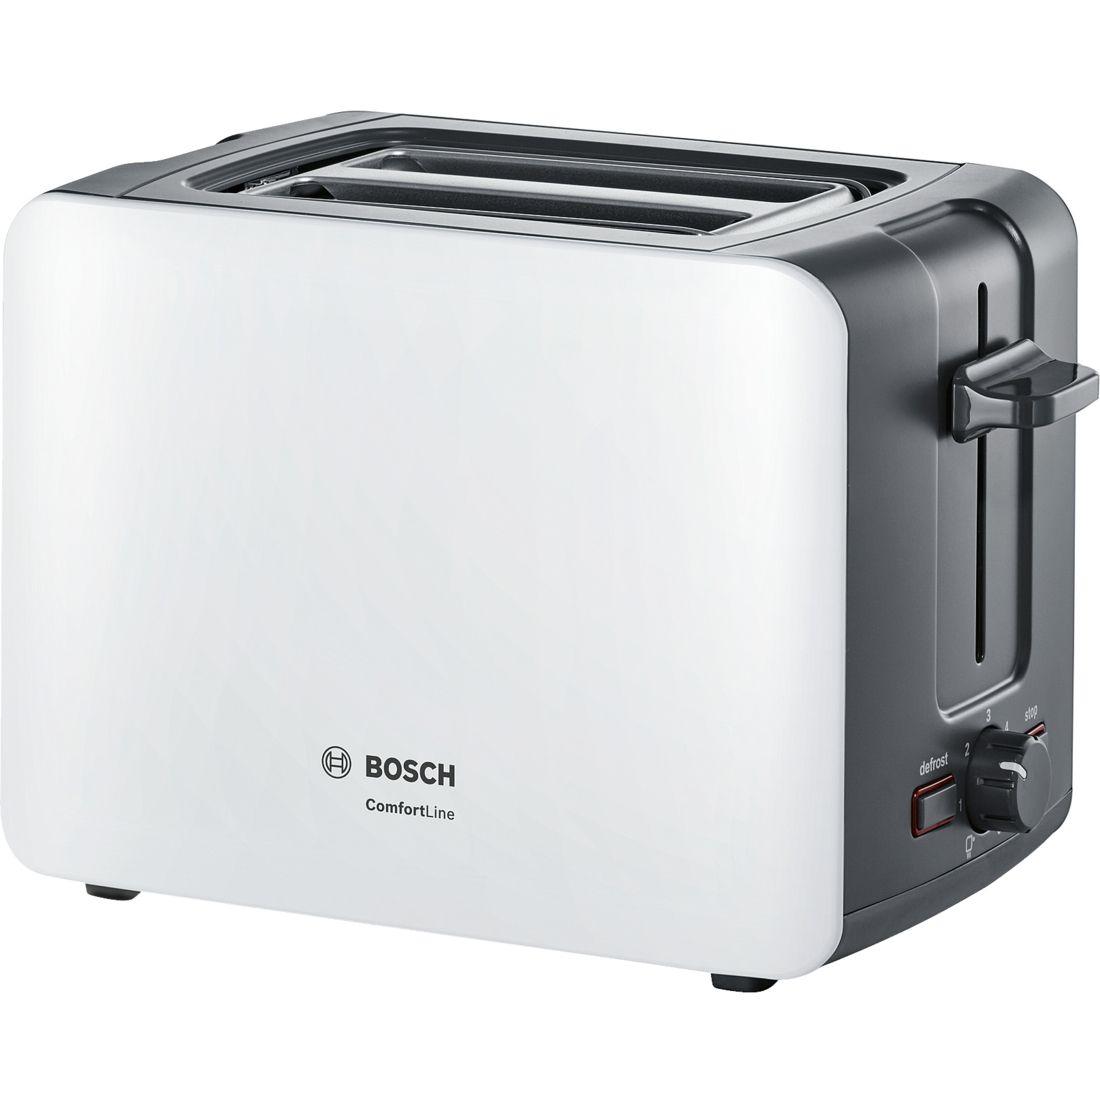 Apróhirdetés, Bosch TAT6A111 kenyérpirító fehér két szeletes